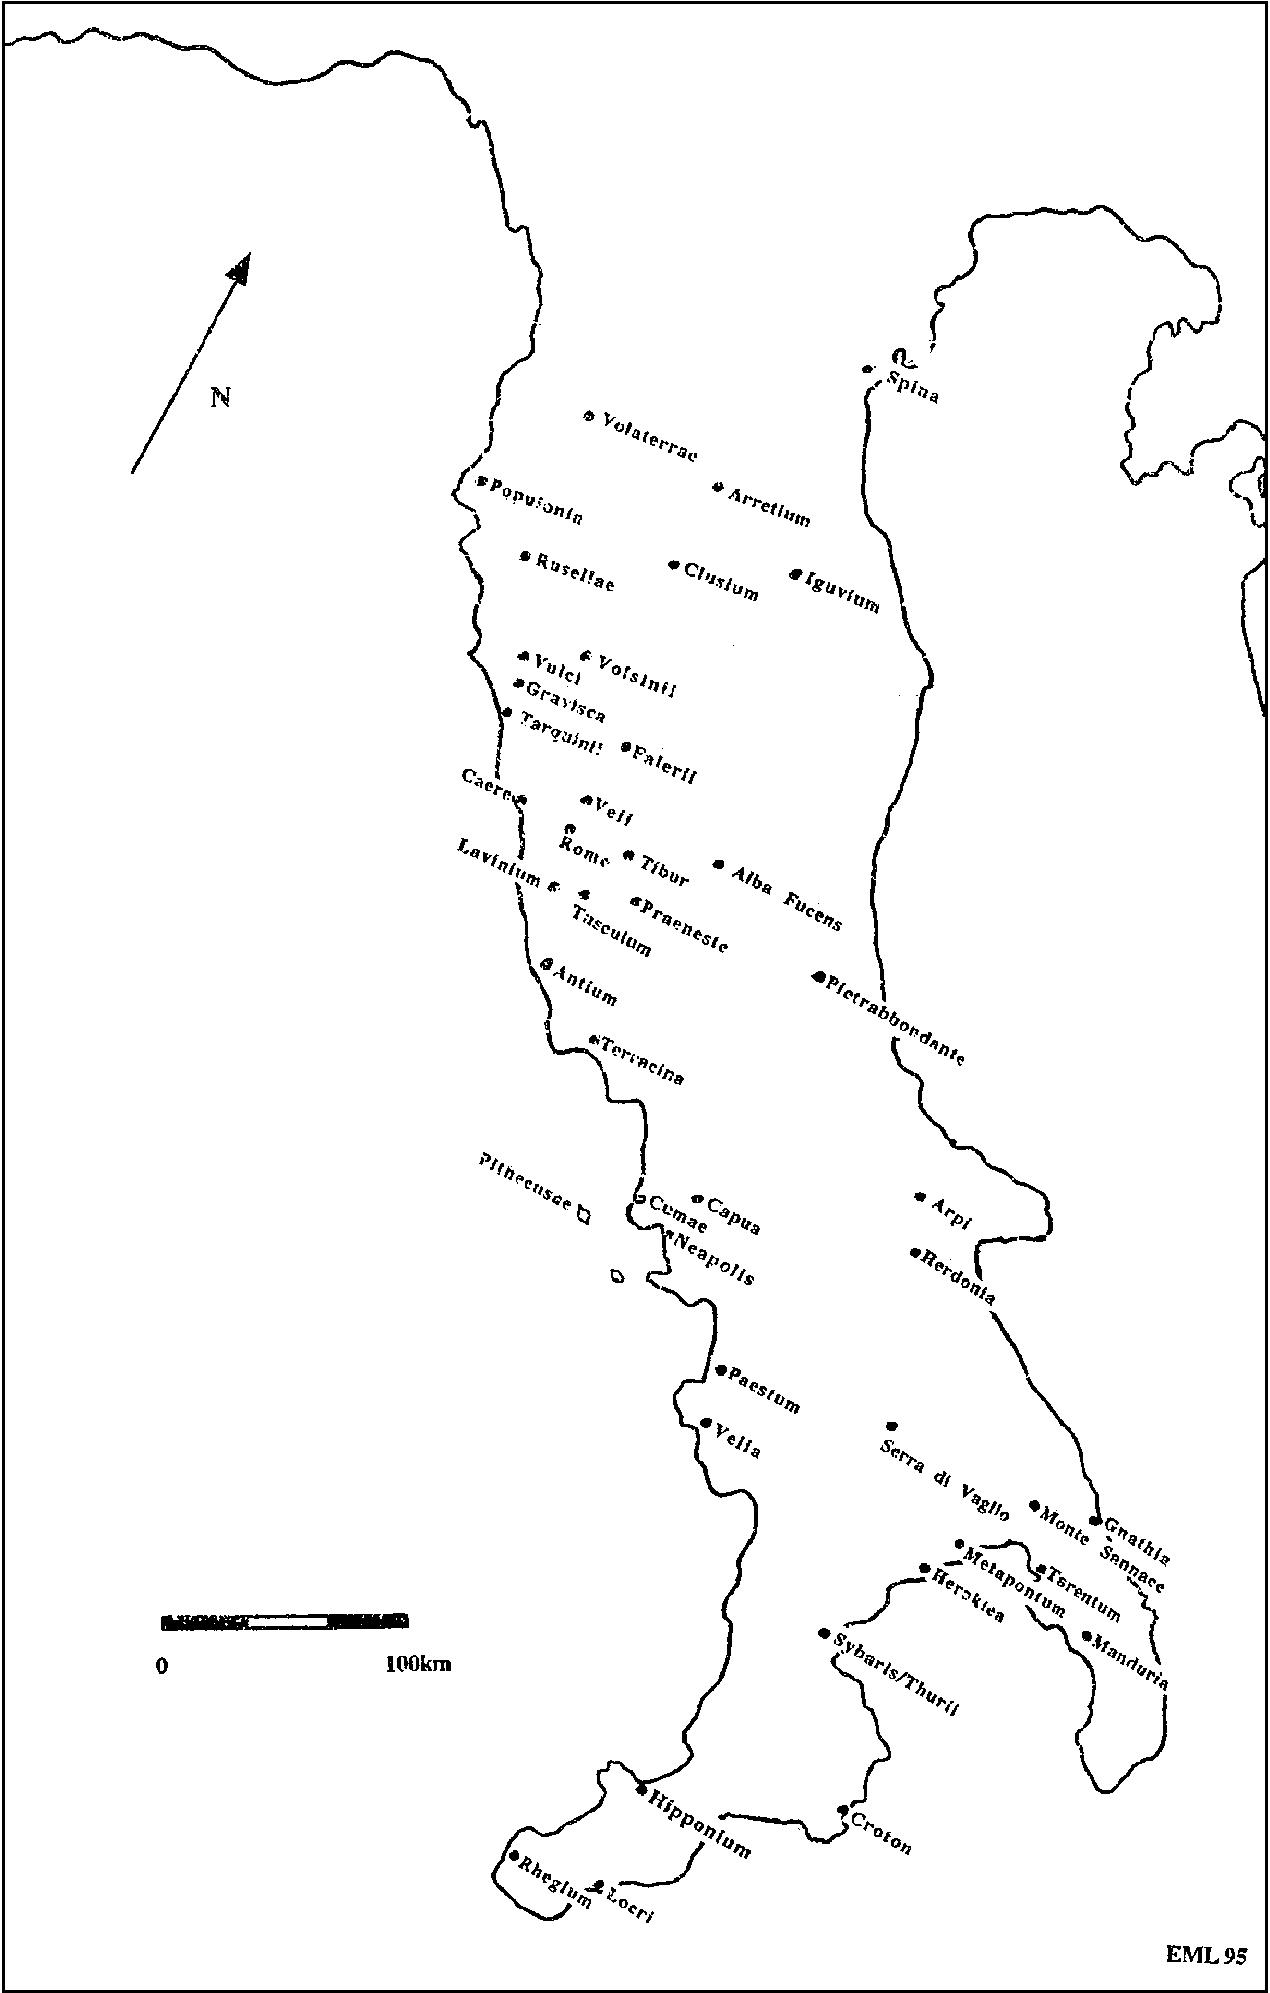 Rome's Empire (Part 3) - The Cambridge Companion to the